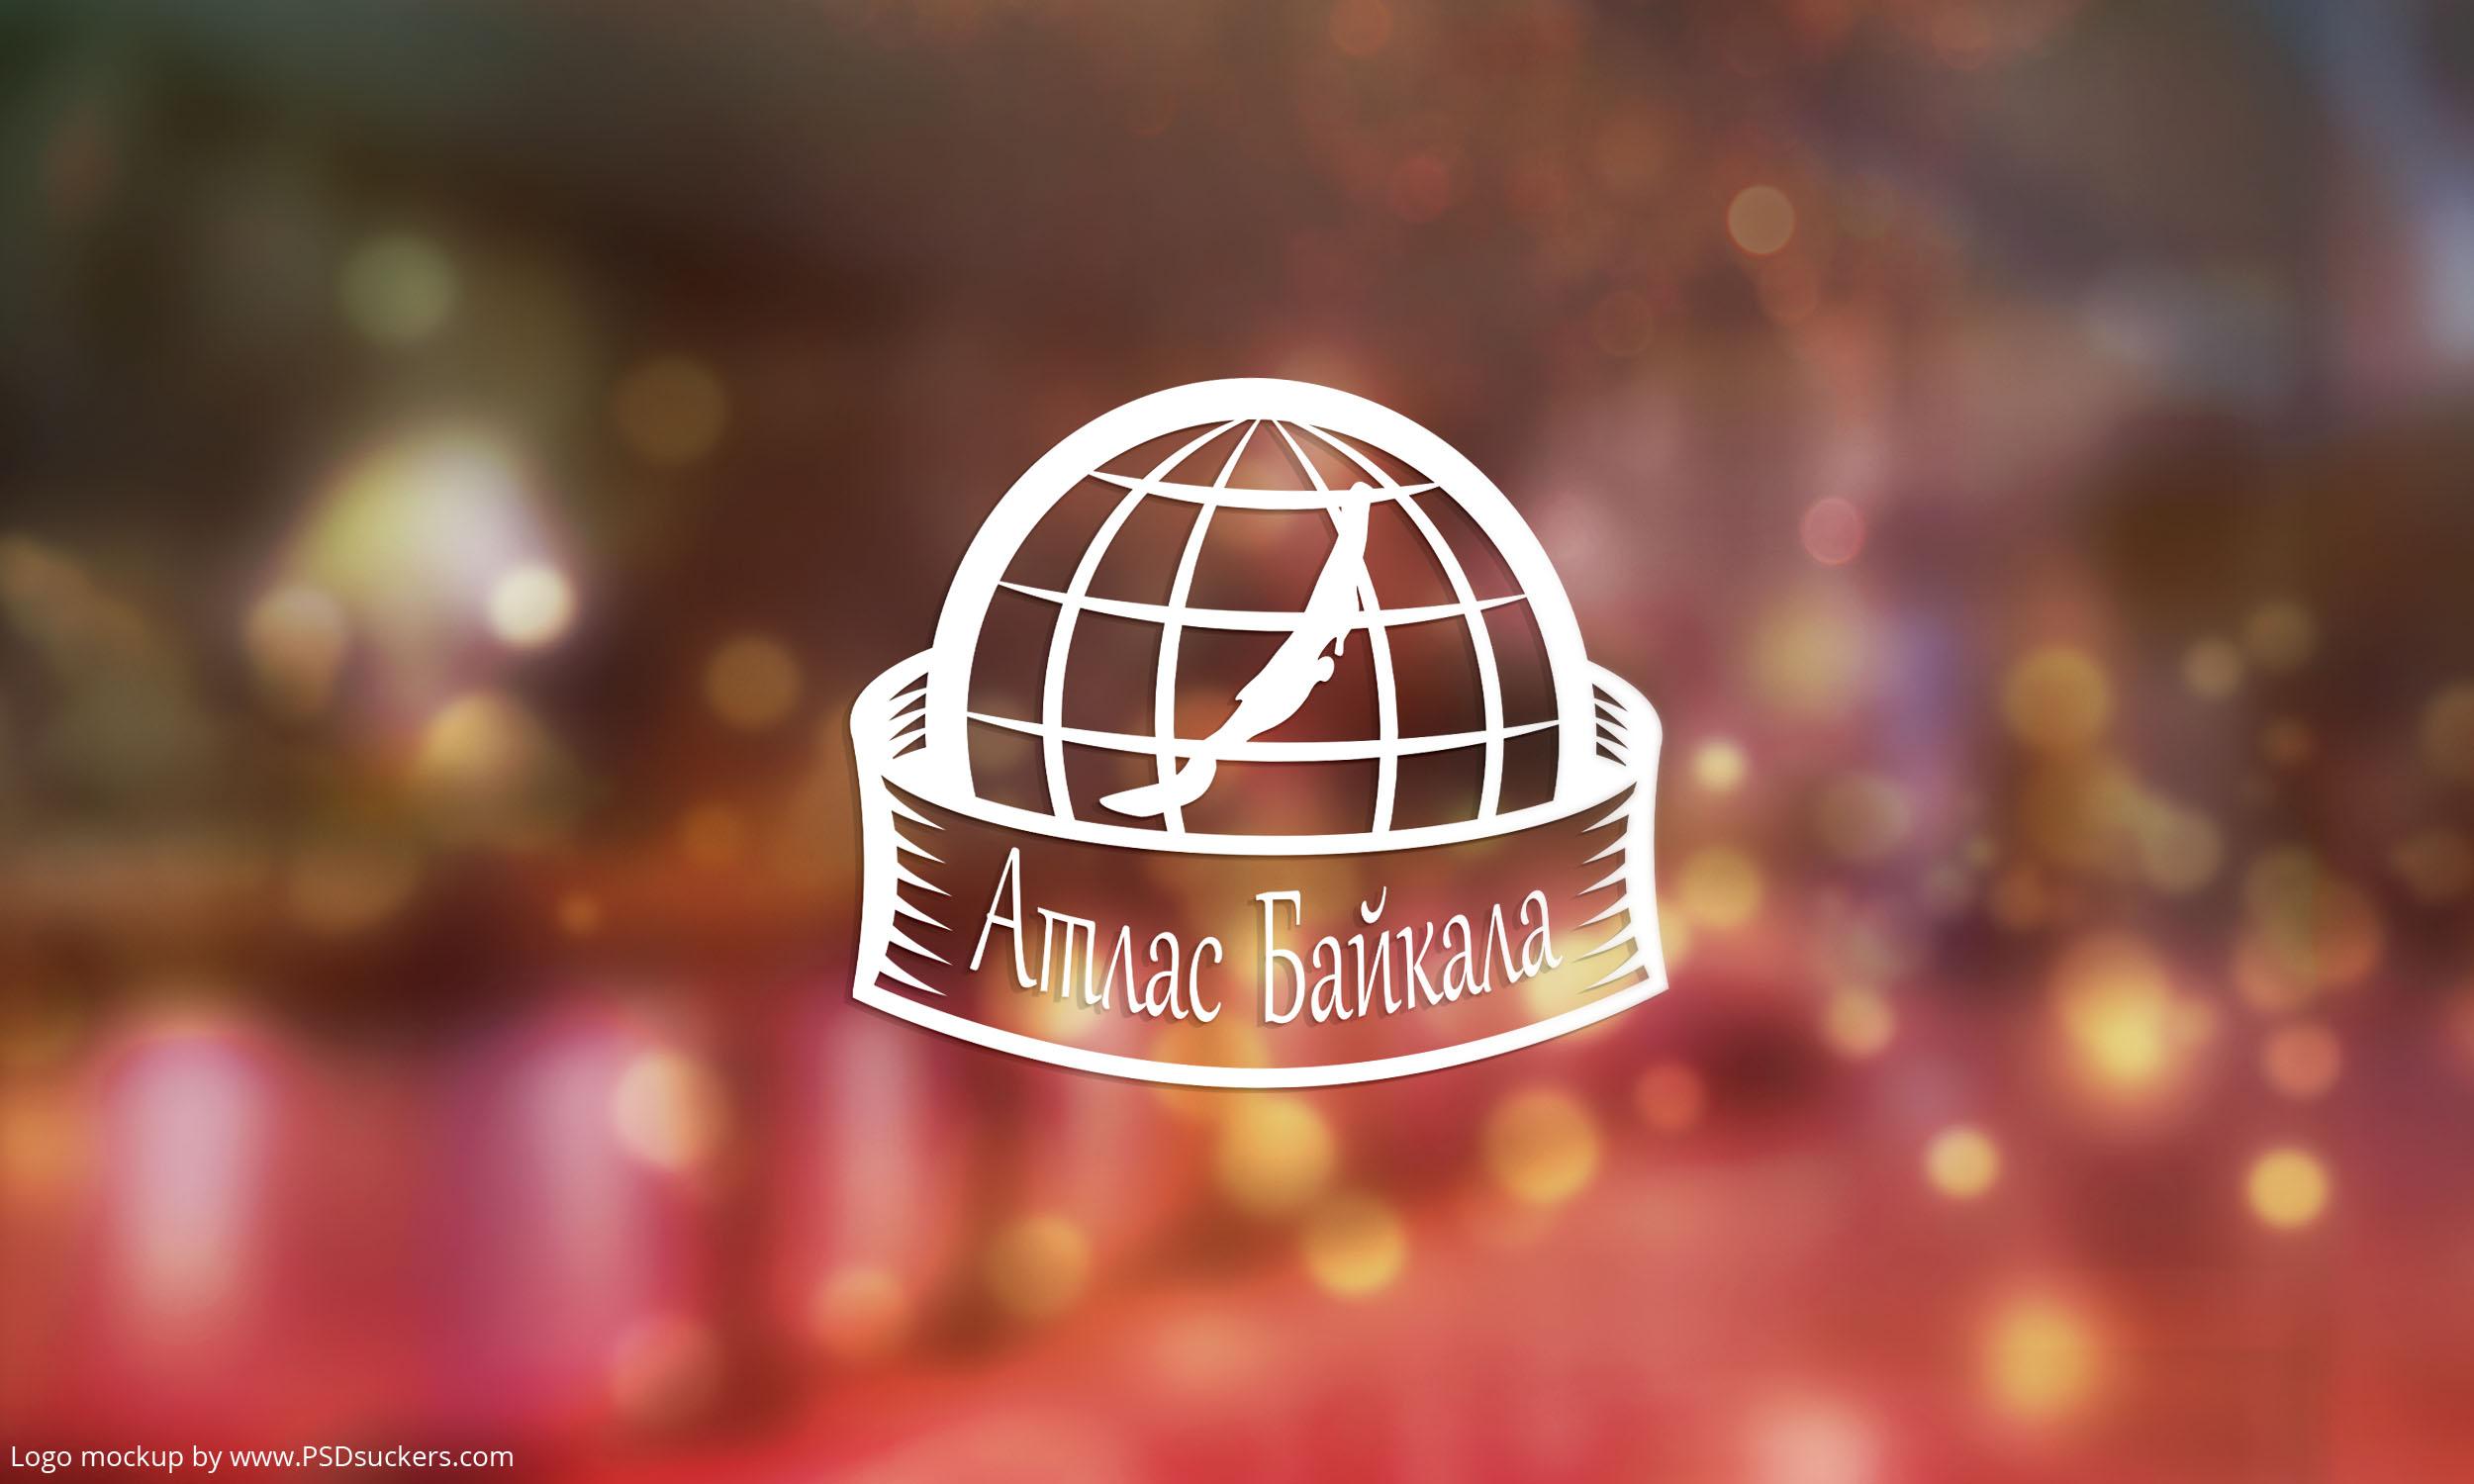 Разработка логотипа Атлас Байкала фото f_1145b07eb940e50b.jpg